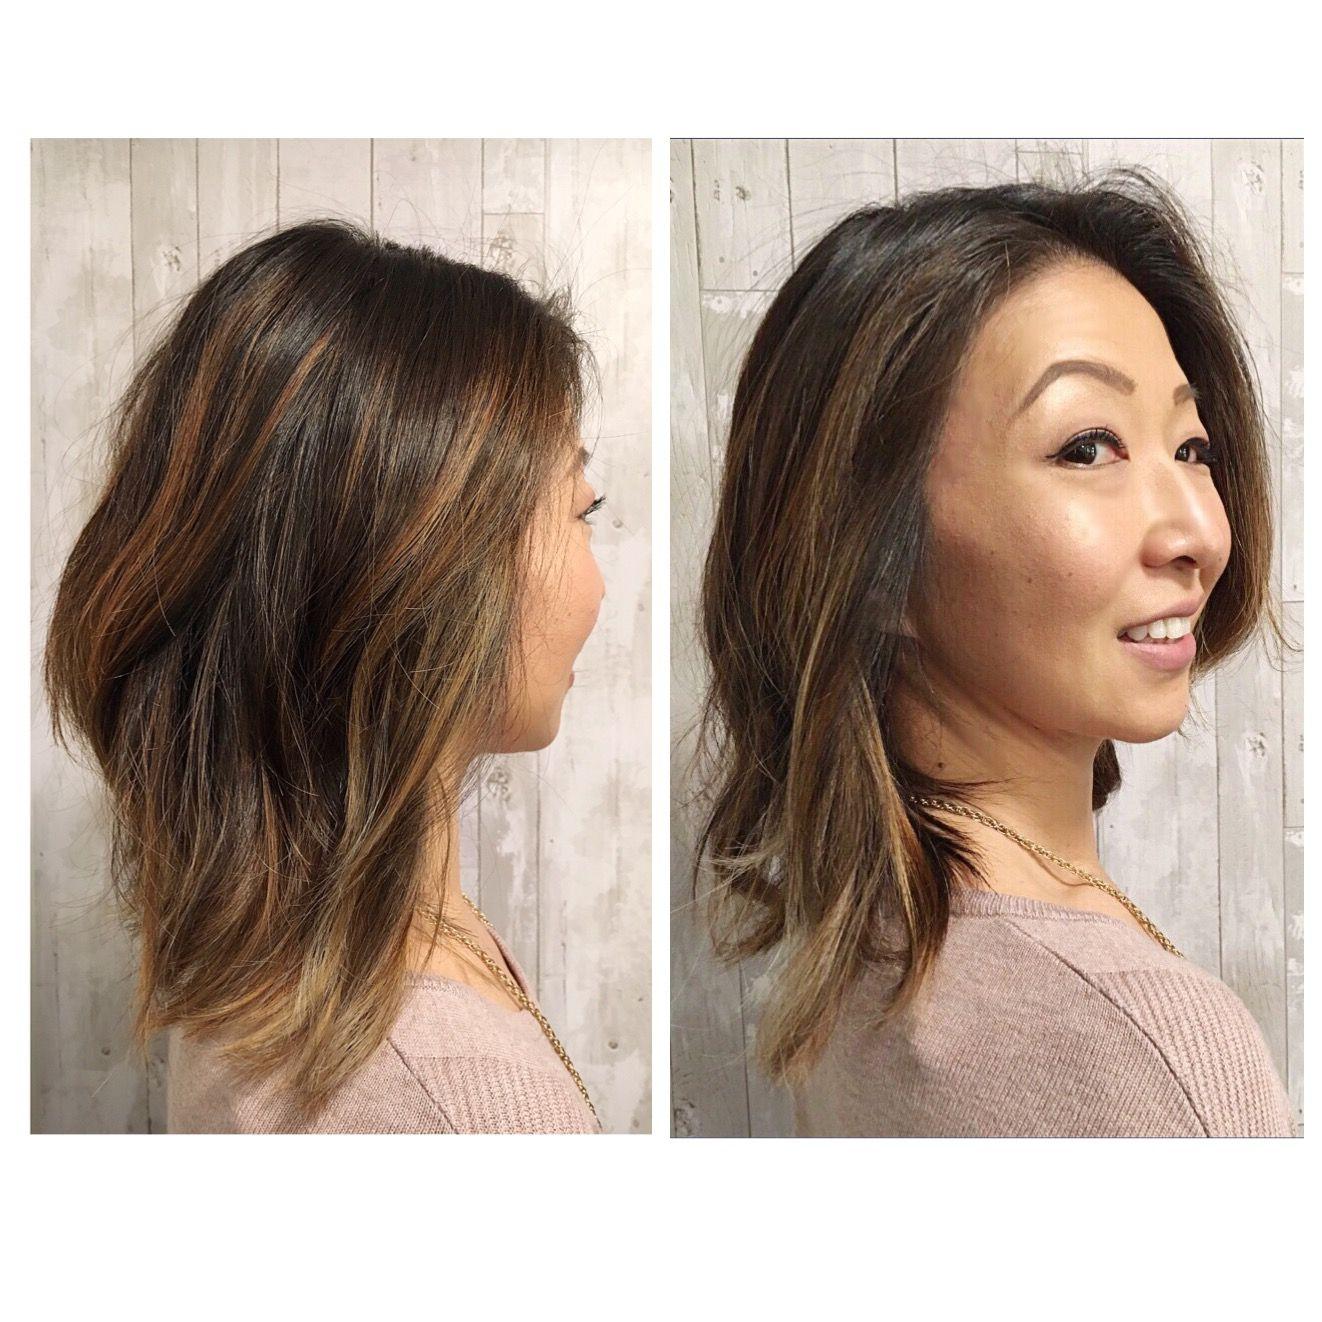 Razor Long Layered Haircut And Bayalage Highlights On Asian Hair